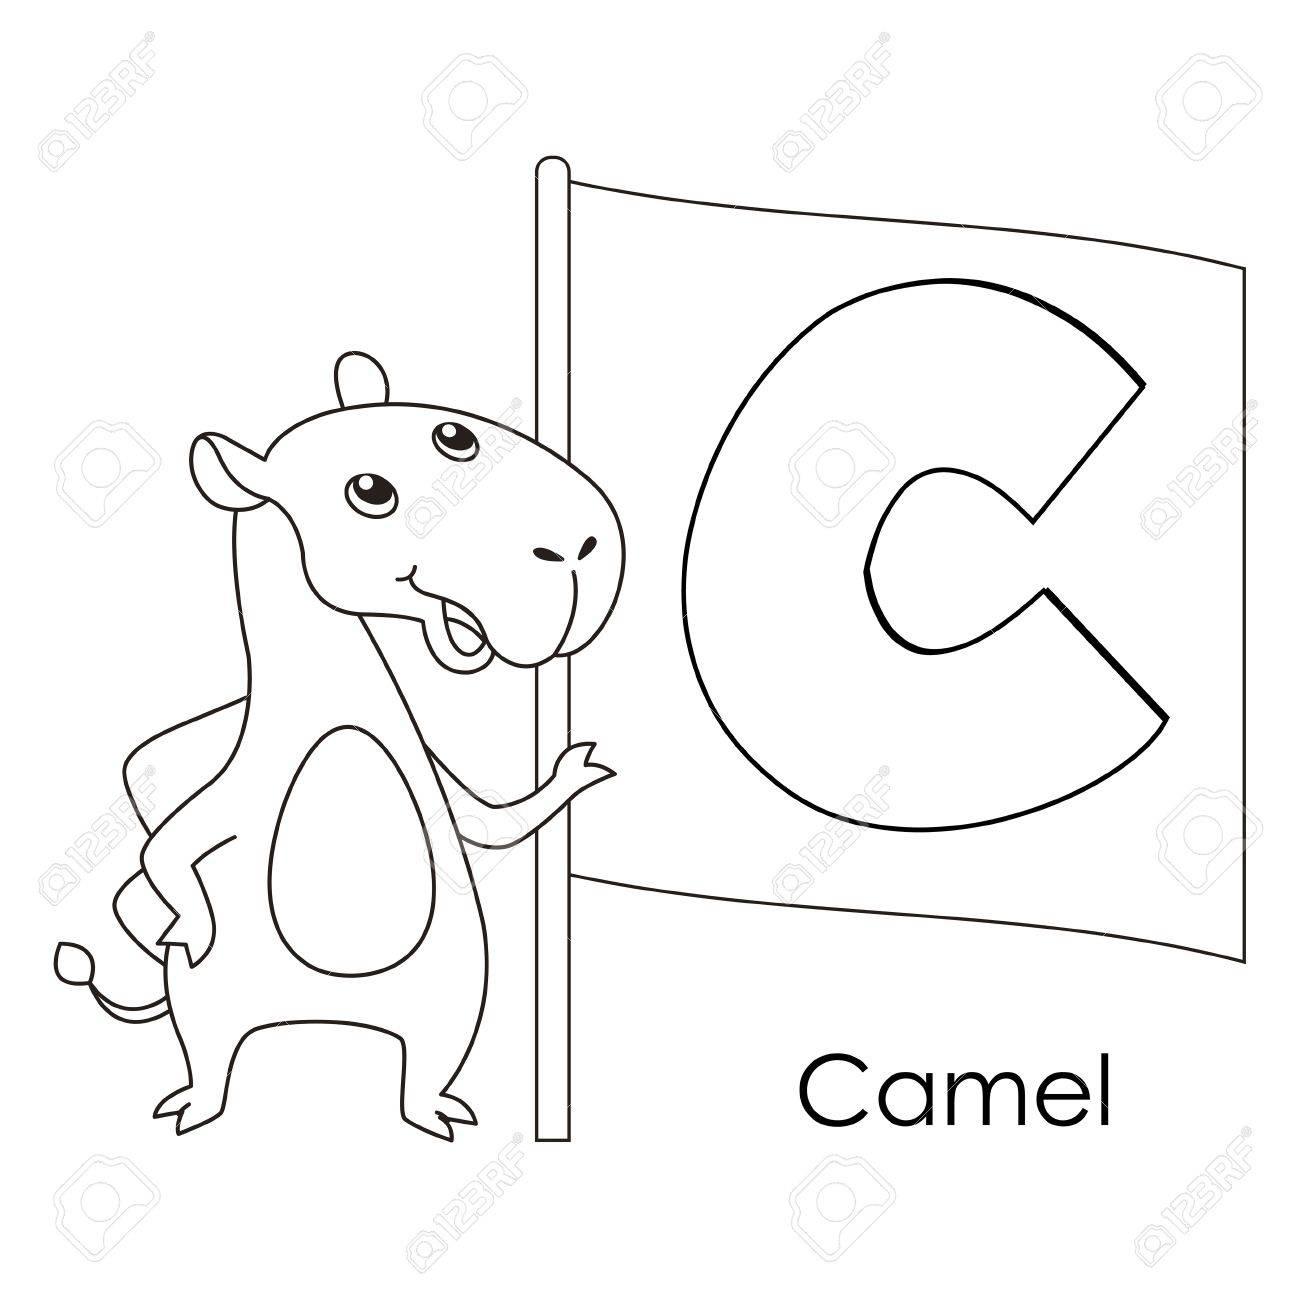 Malvorlagen Alphabet Für Kinder, C Mit Kamel. Lizenzfrei Nutzbare ...